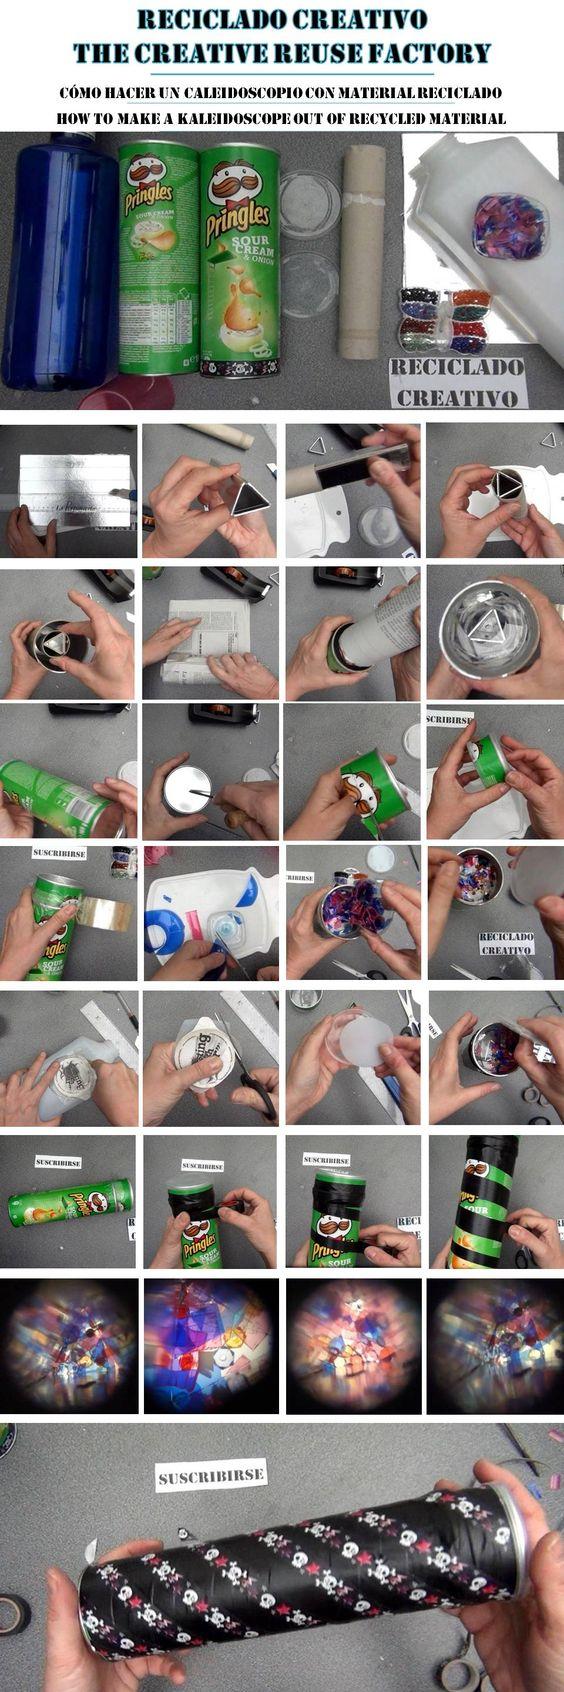 https://youtu.be/vMflb4D8dpo Cómo hacer un Caleidoscopio para niños con botes de Pringles y otros materiales reciclados. How to make a kaleidoscope out of recycled materials #pringleshack